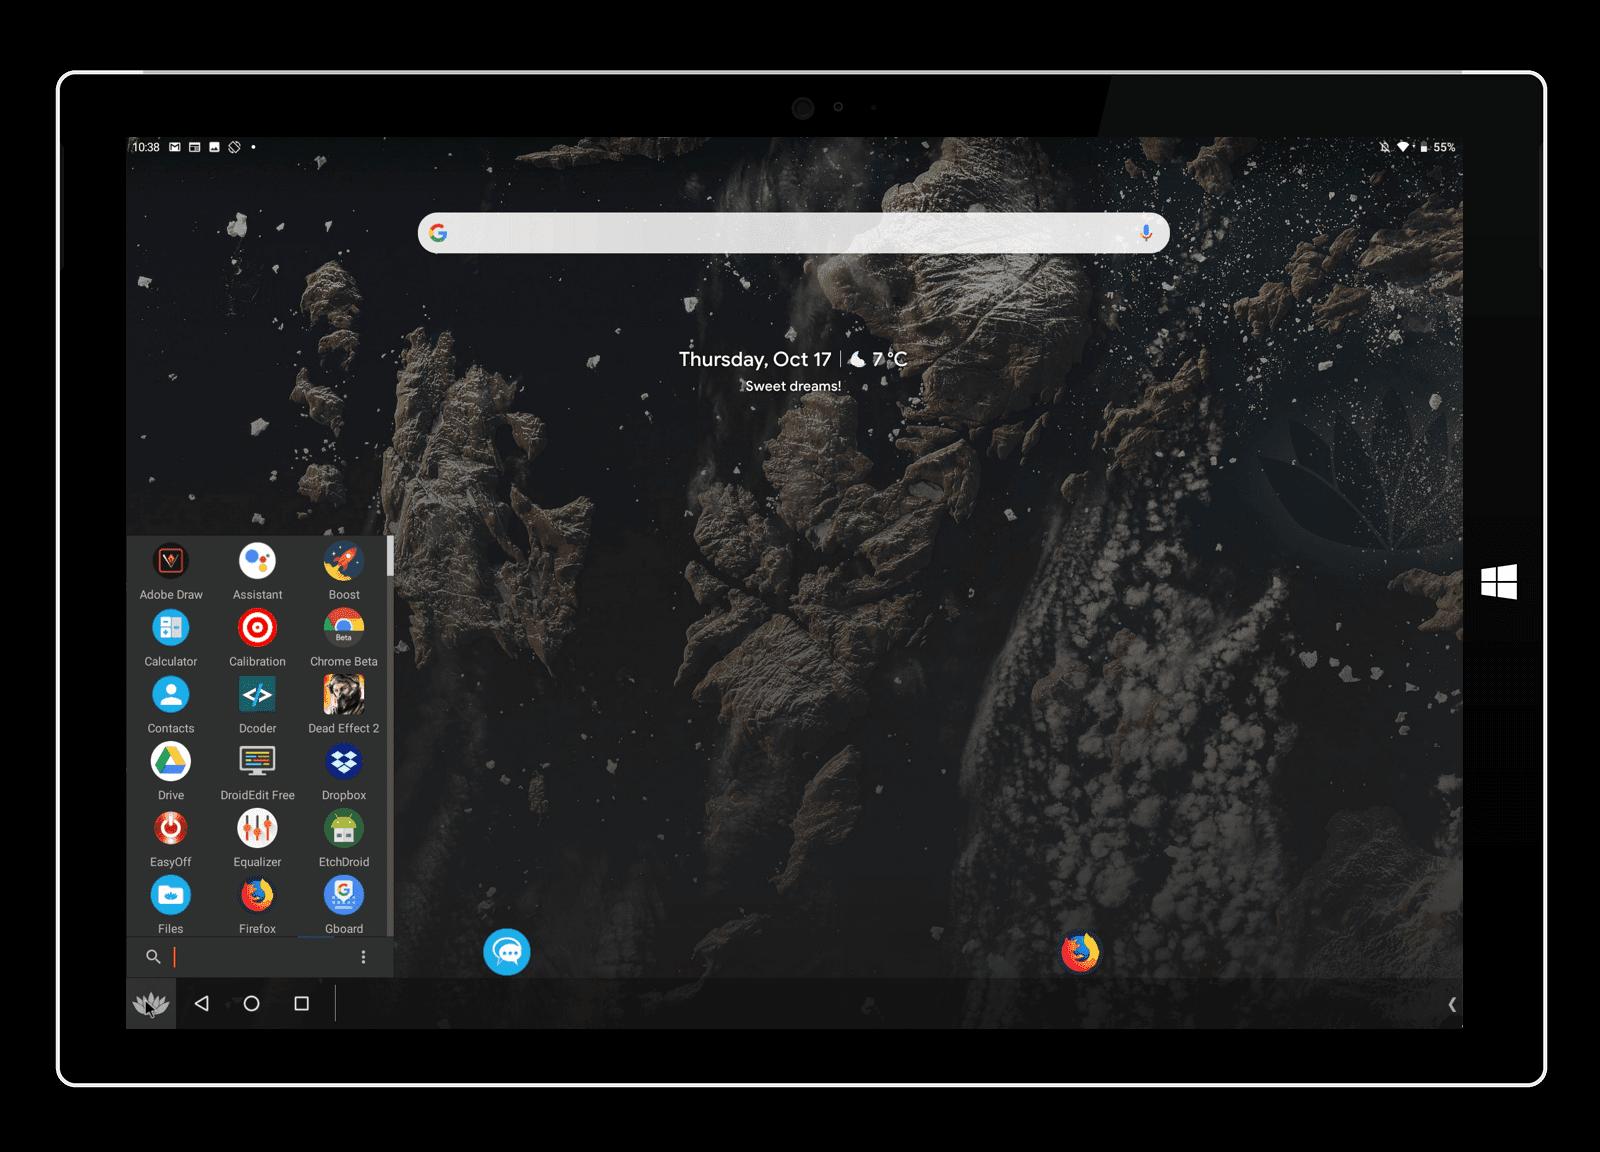 استخدام Bliss OS لجلب Android 10 على نظام التشغيل Windows 10